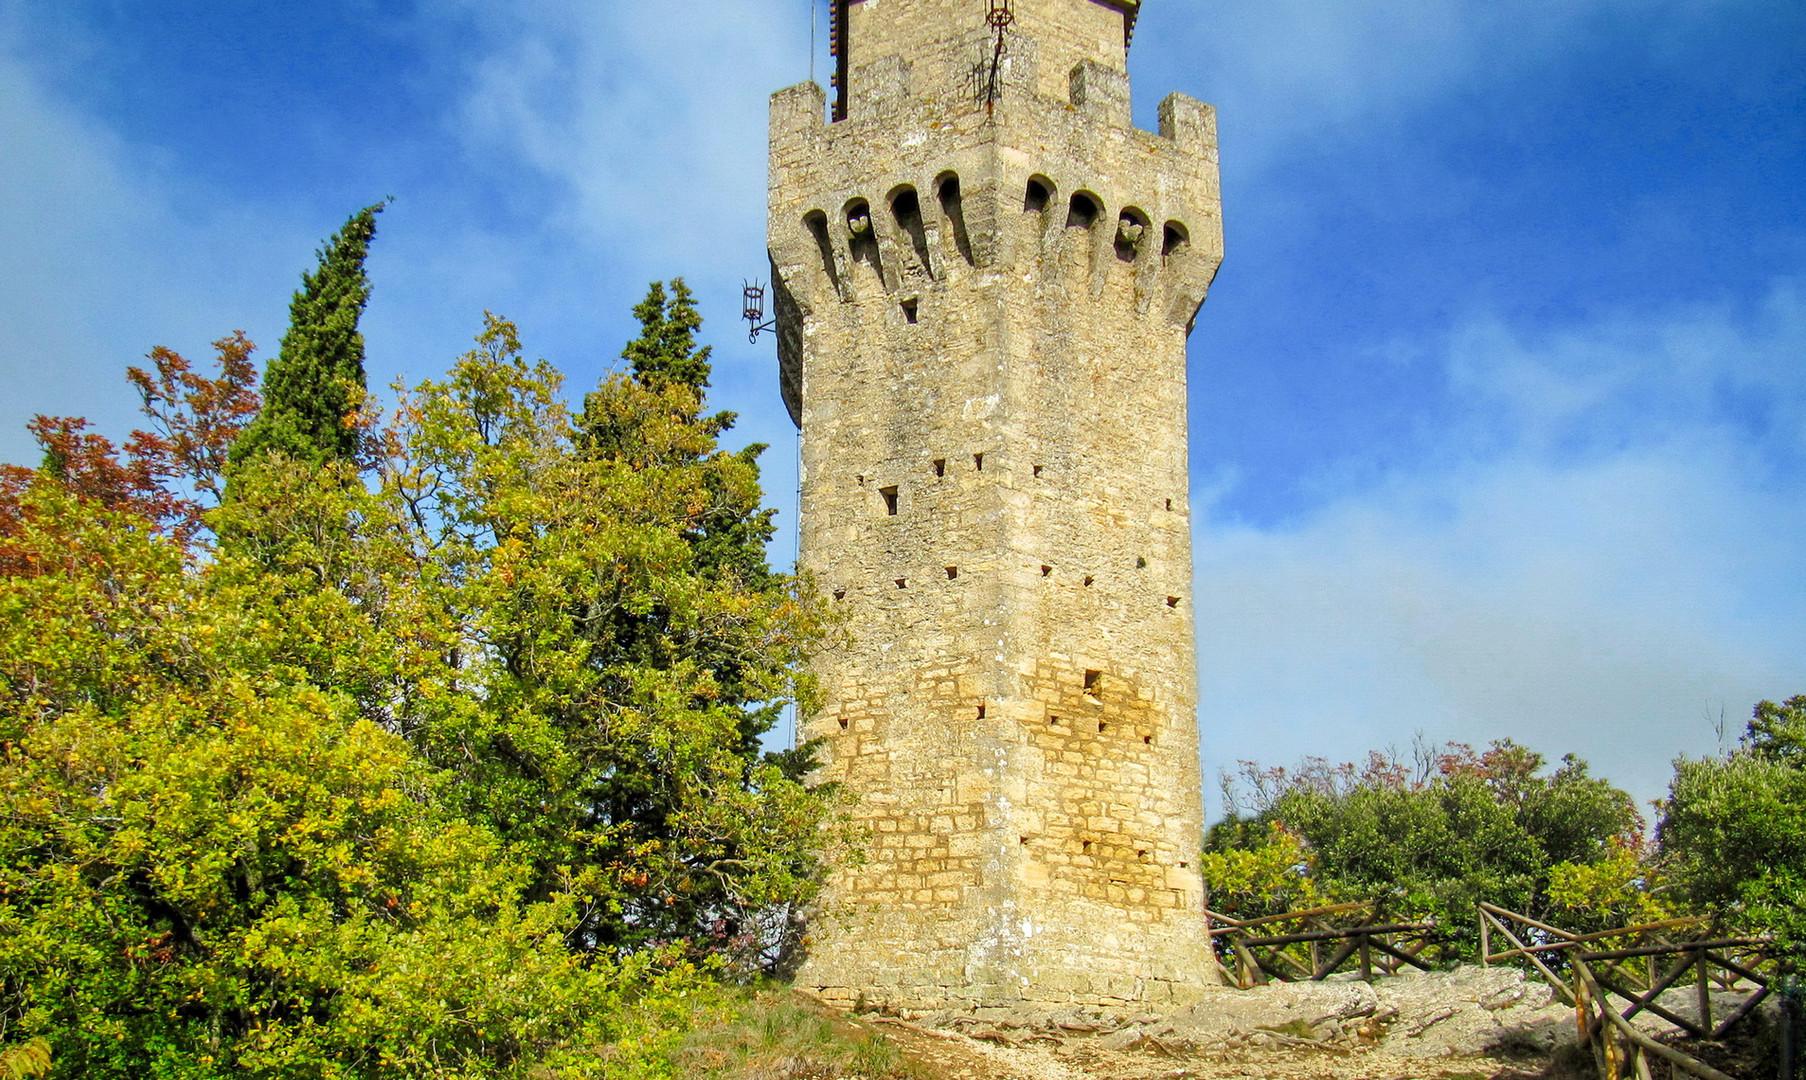 Башня Монтале в Сан-Марино